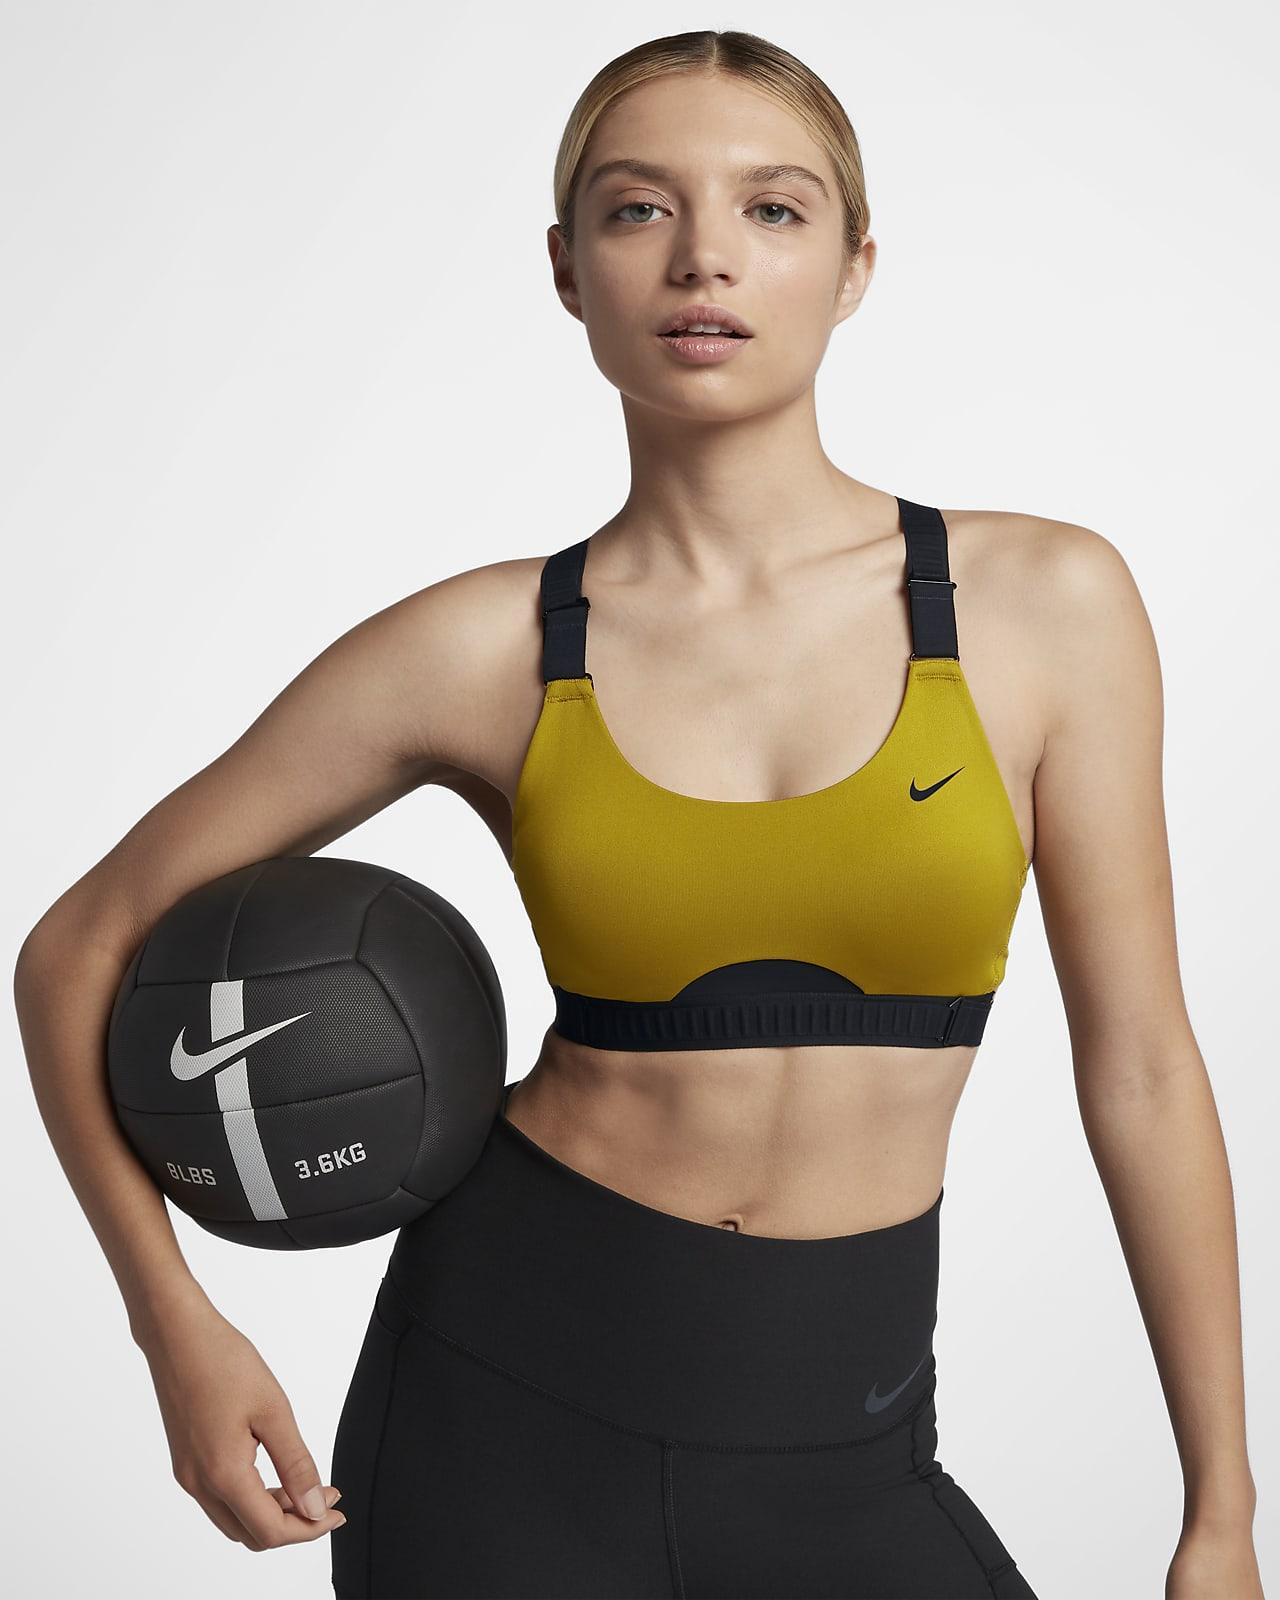 Dicks Nike Sports Bra